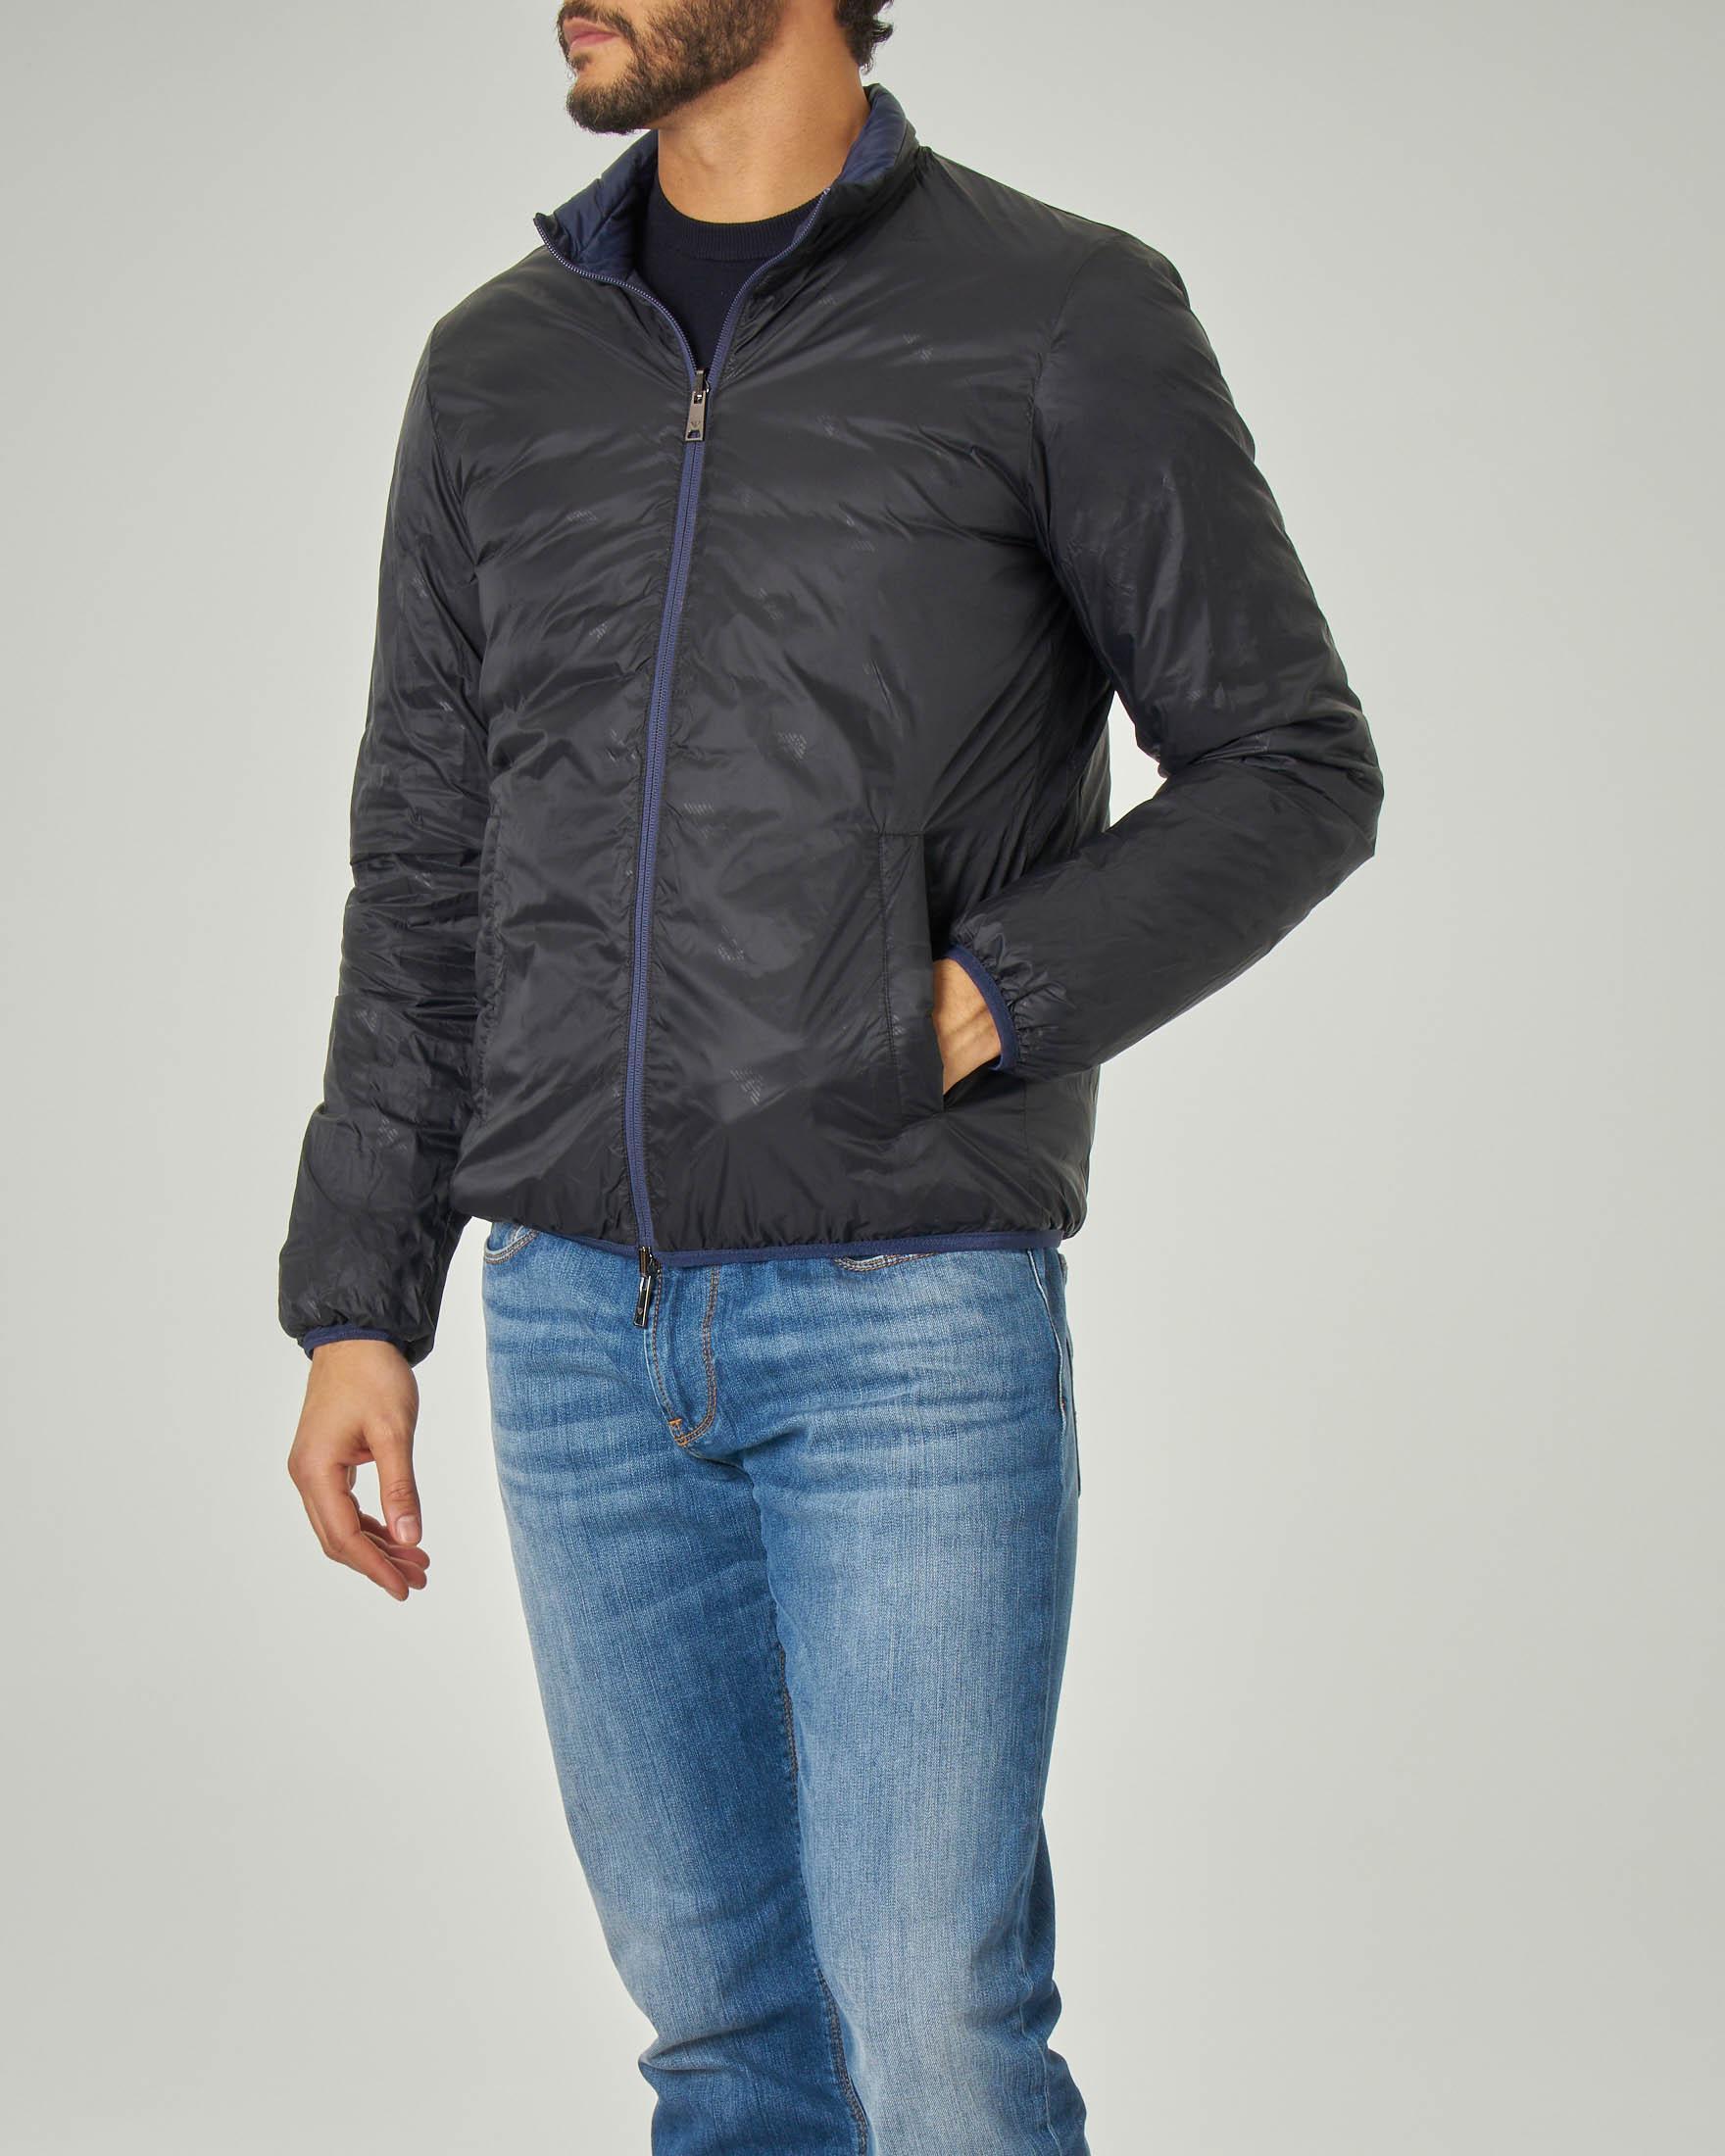 Piumino blu reversibile in giacca nera